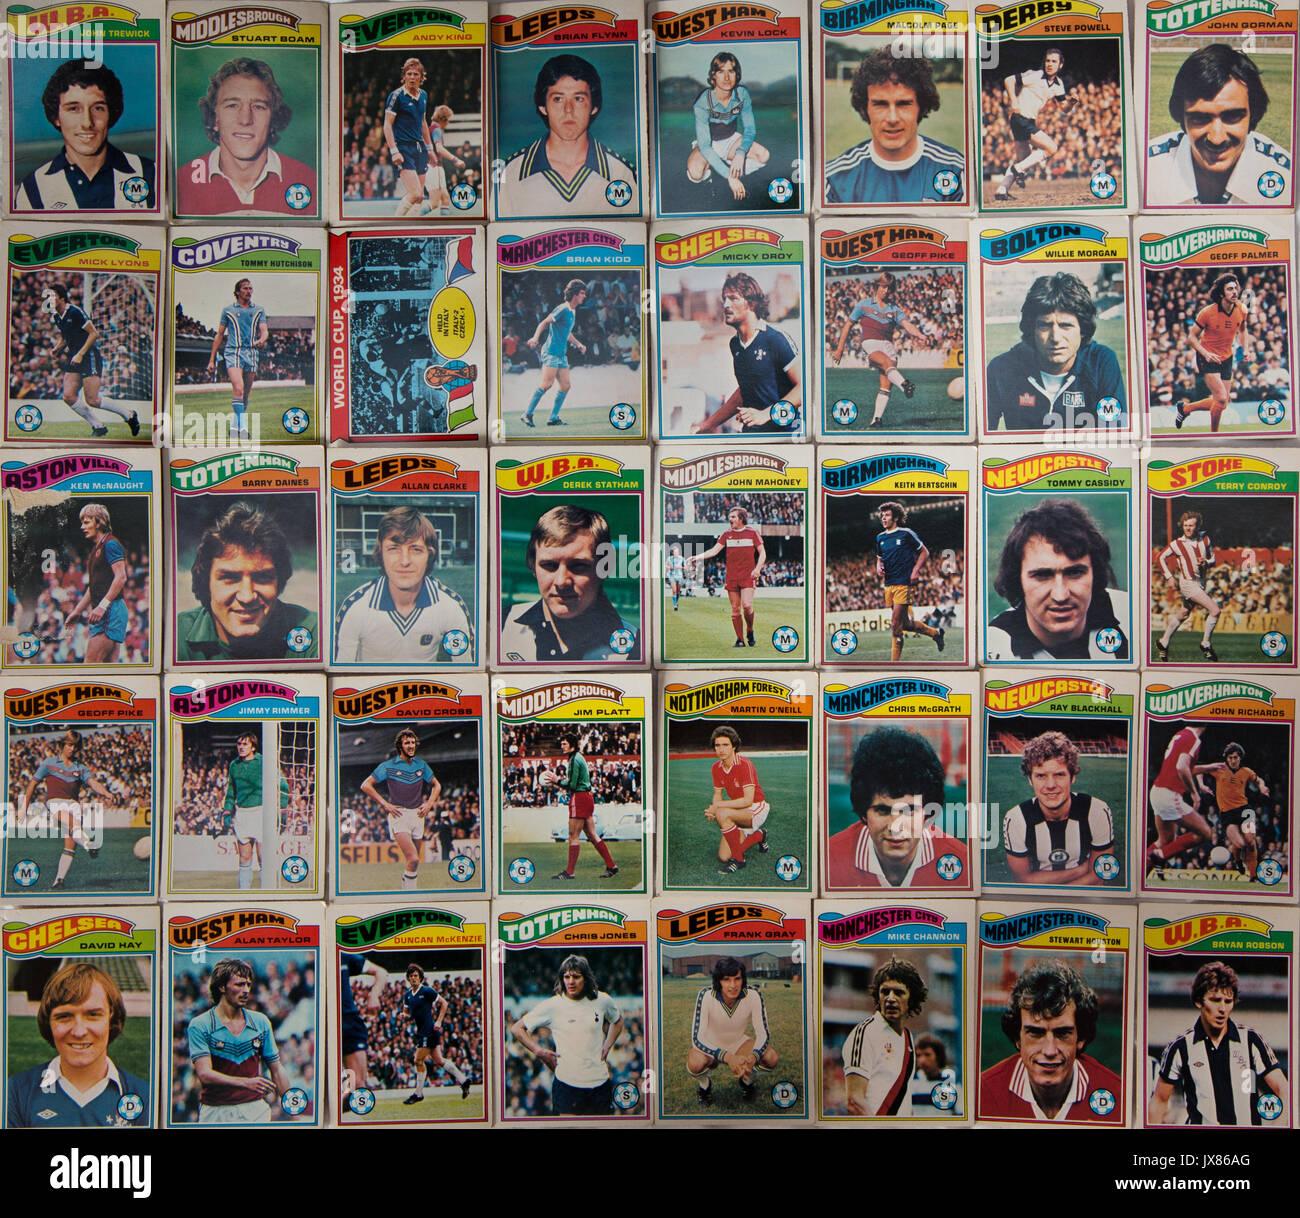 Collectible Cards Stock Photos Amp Collectible Cards Stock